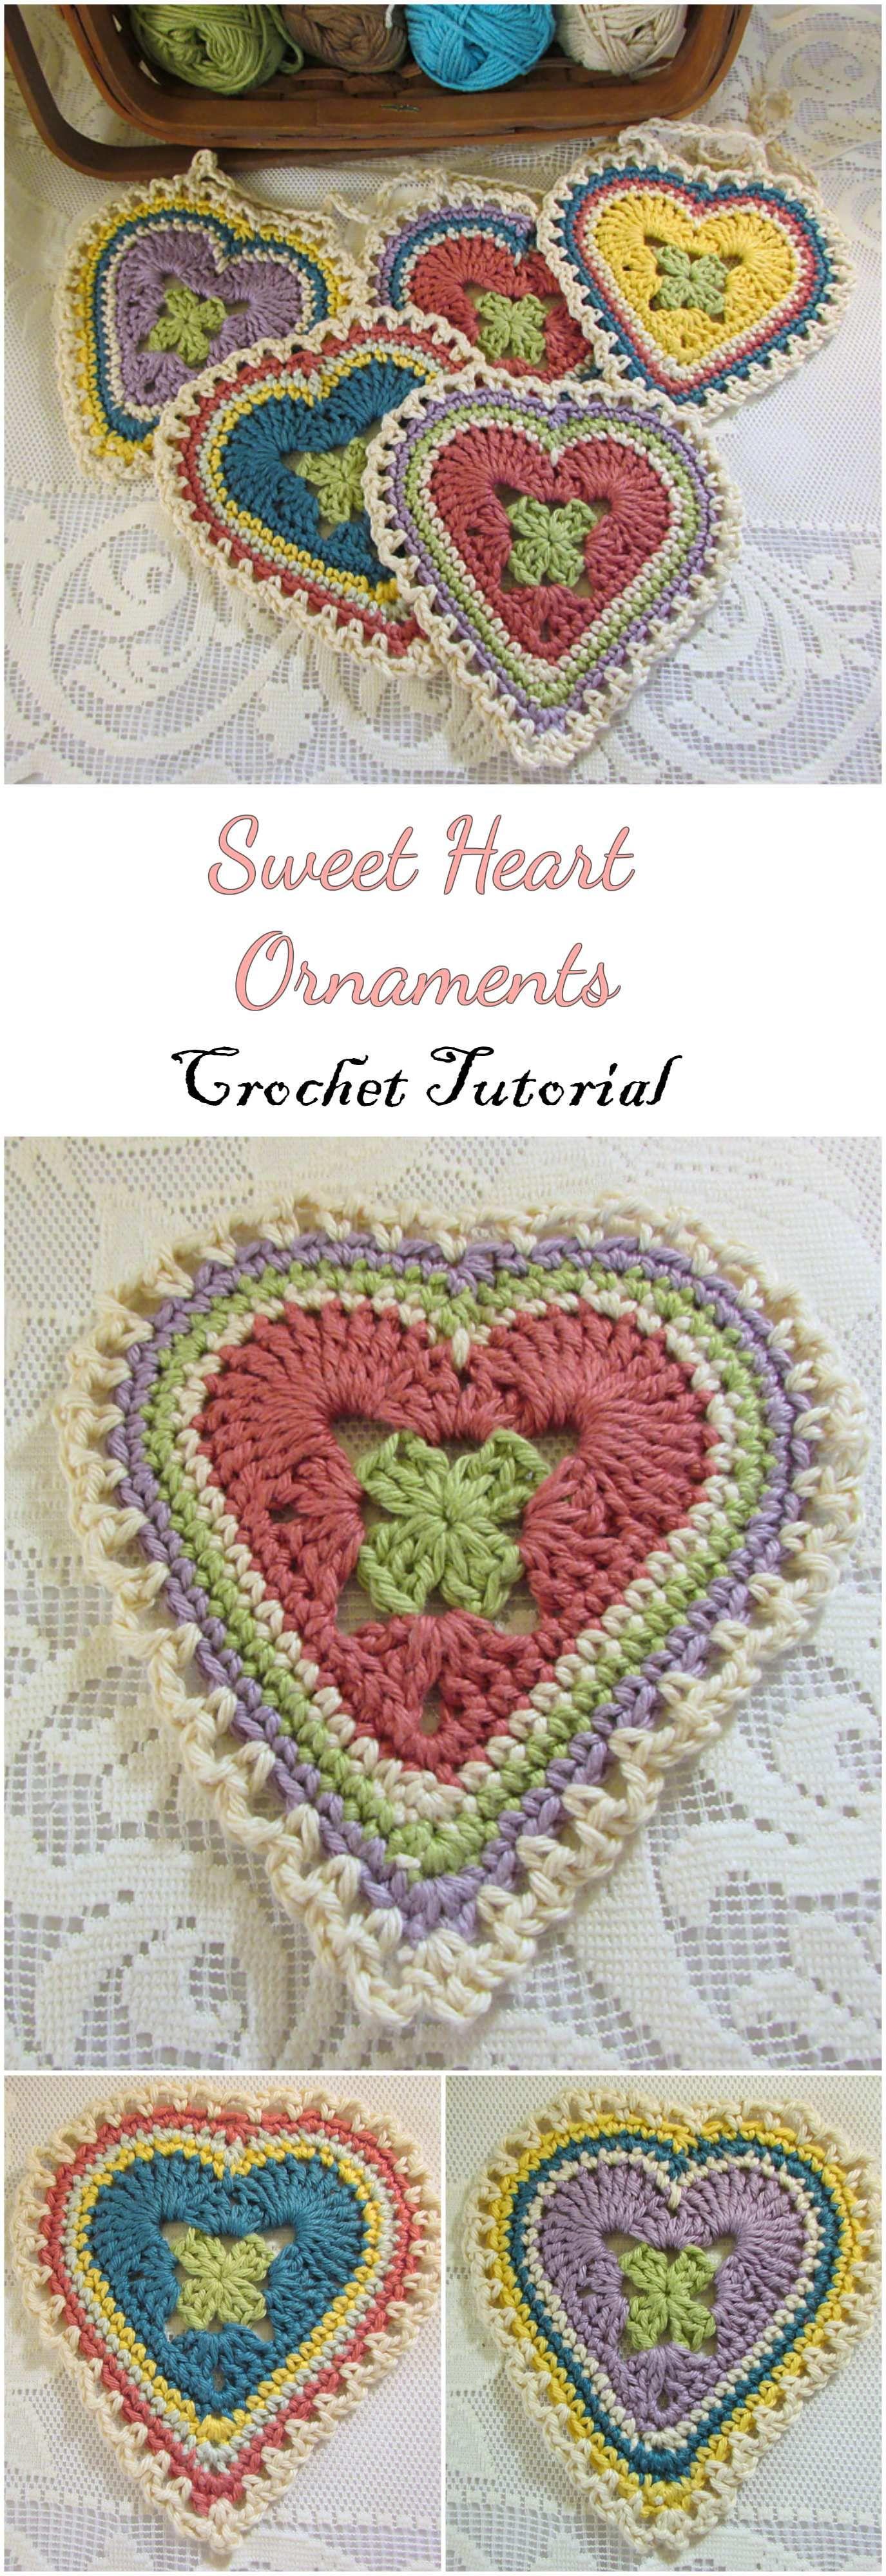 Crochet Sweet hearts | HAND WORK | Pinterest | Ganchillo, Tejido y ...